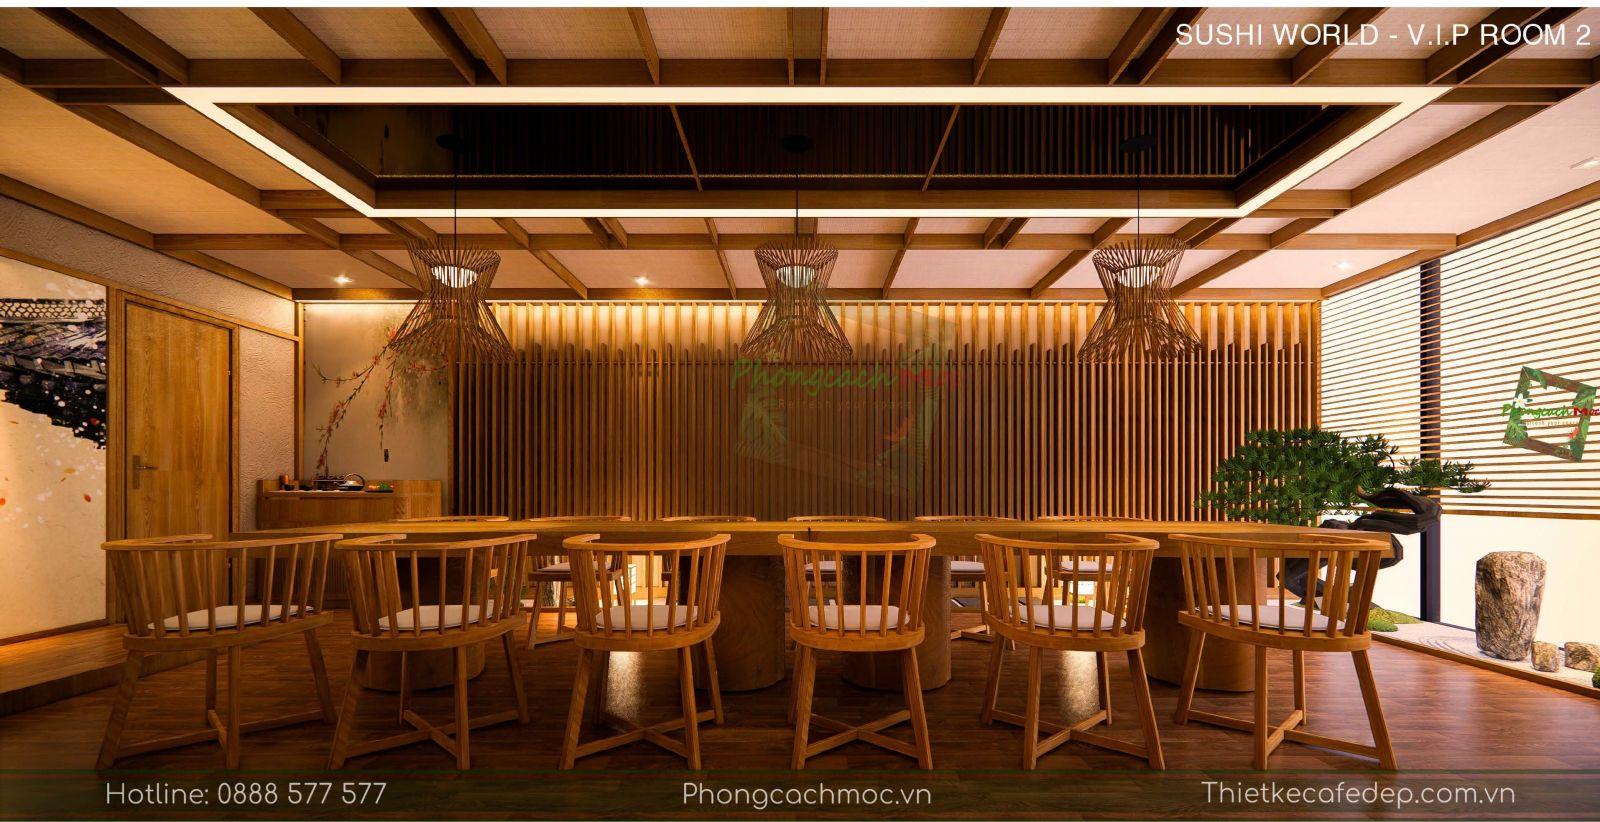 mau-thiet-ke-nha-hang-nhat-ban-hien-dai-sushi-world-viprooms-13